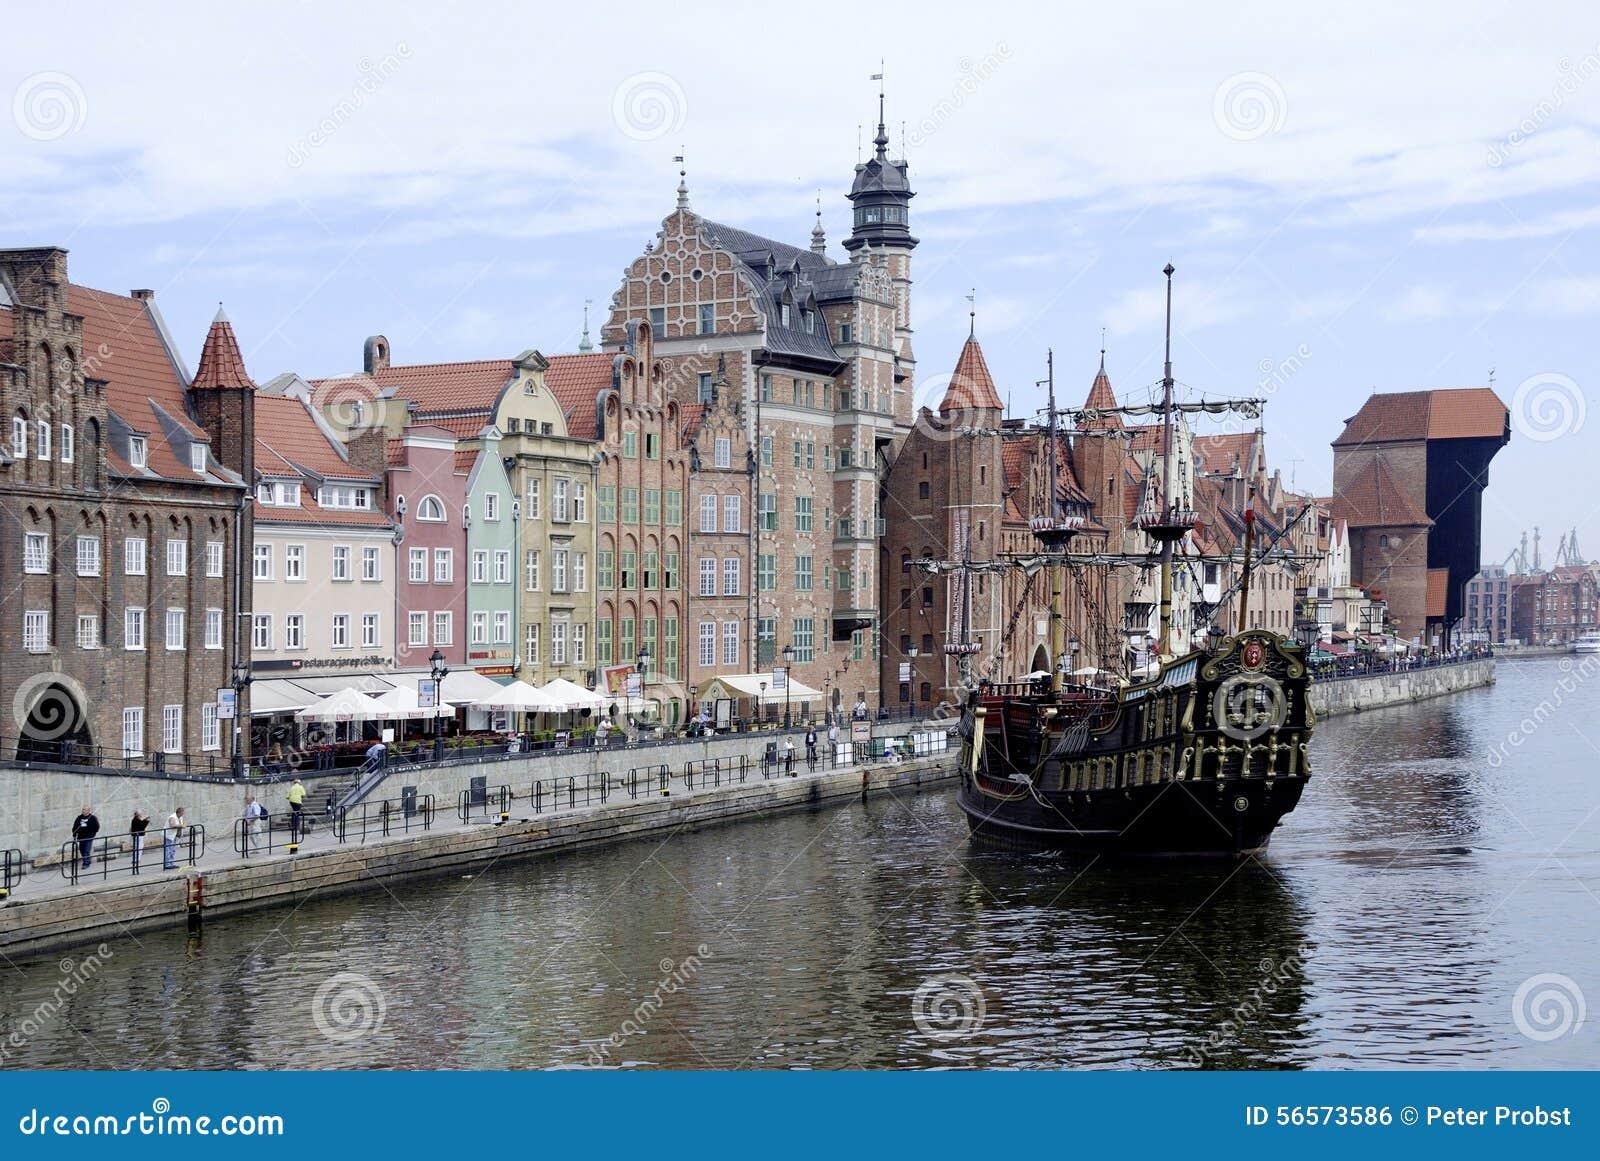 Download Ιστορική παλαιά πόλη του Γντανσκ στην Πολωνία Εκδοτική Εικόνες - εικόνα από προγεφυρωμάτων, γερανός: 56573586